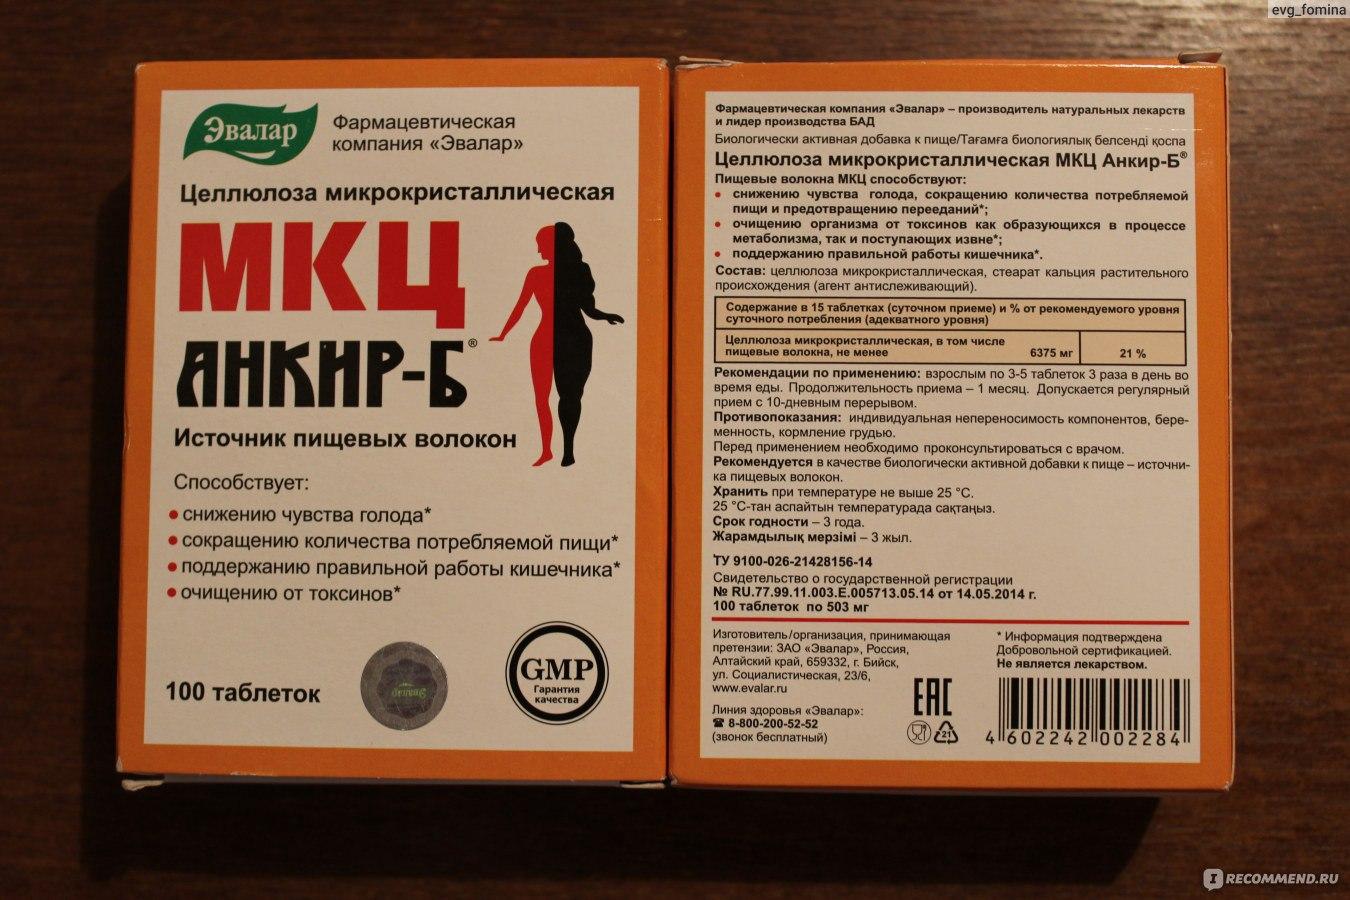 Таблетки От Похудения Вред Здоровью.